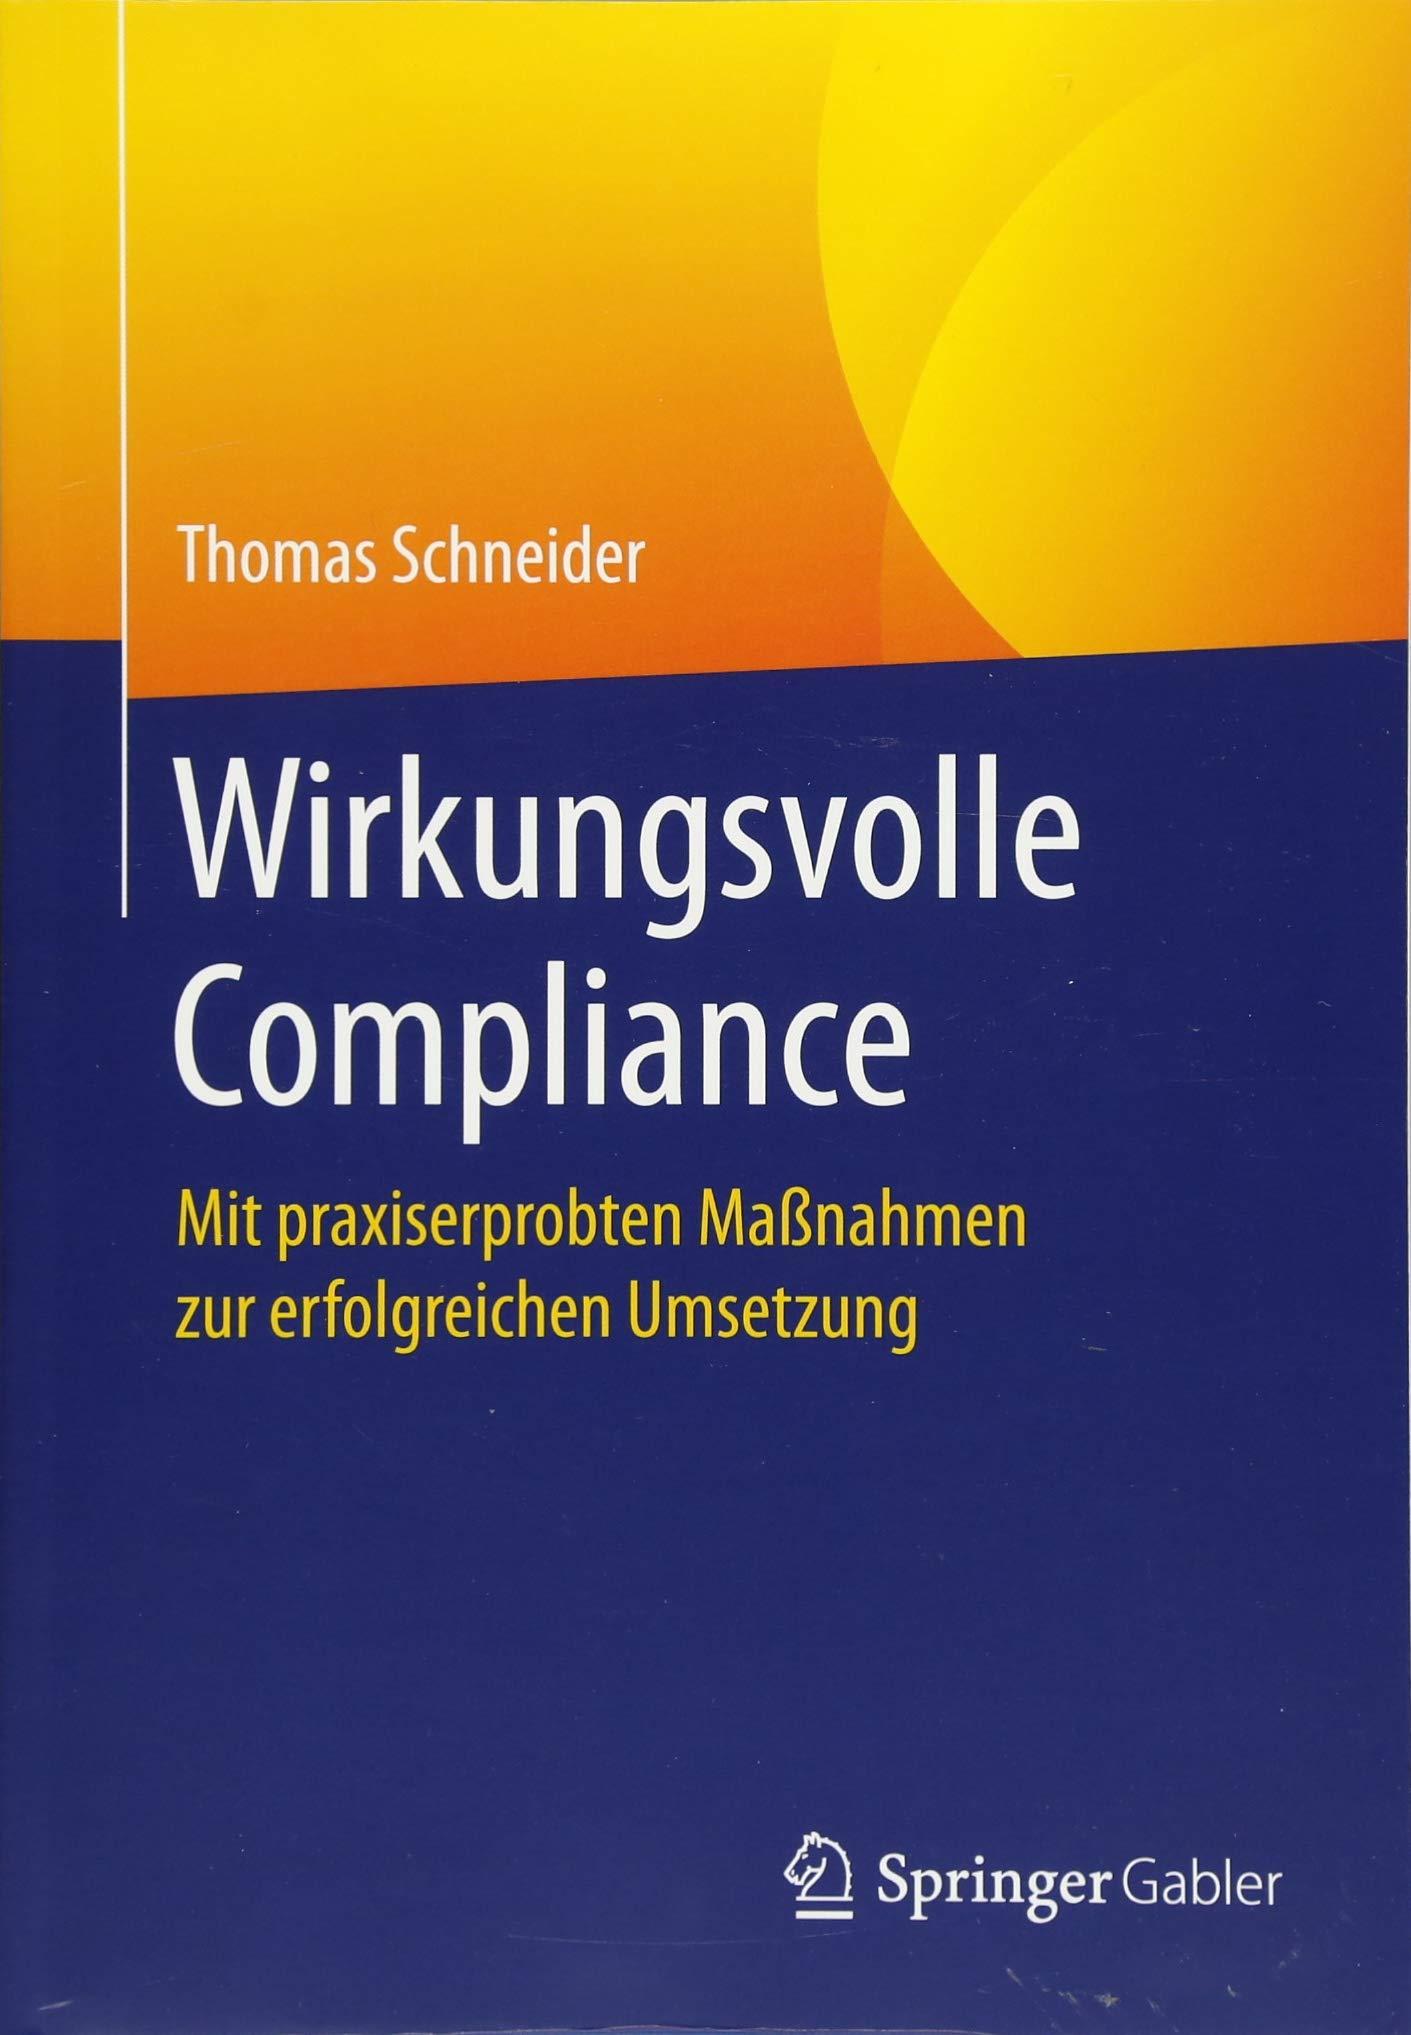 Wirkungsvolle Compliance: Mit praxiserprobten Maßnahmen zur erfolgreichen Umsetzung